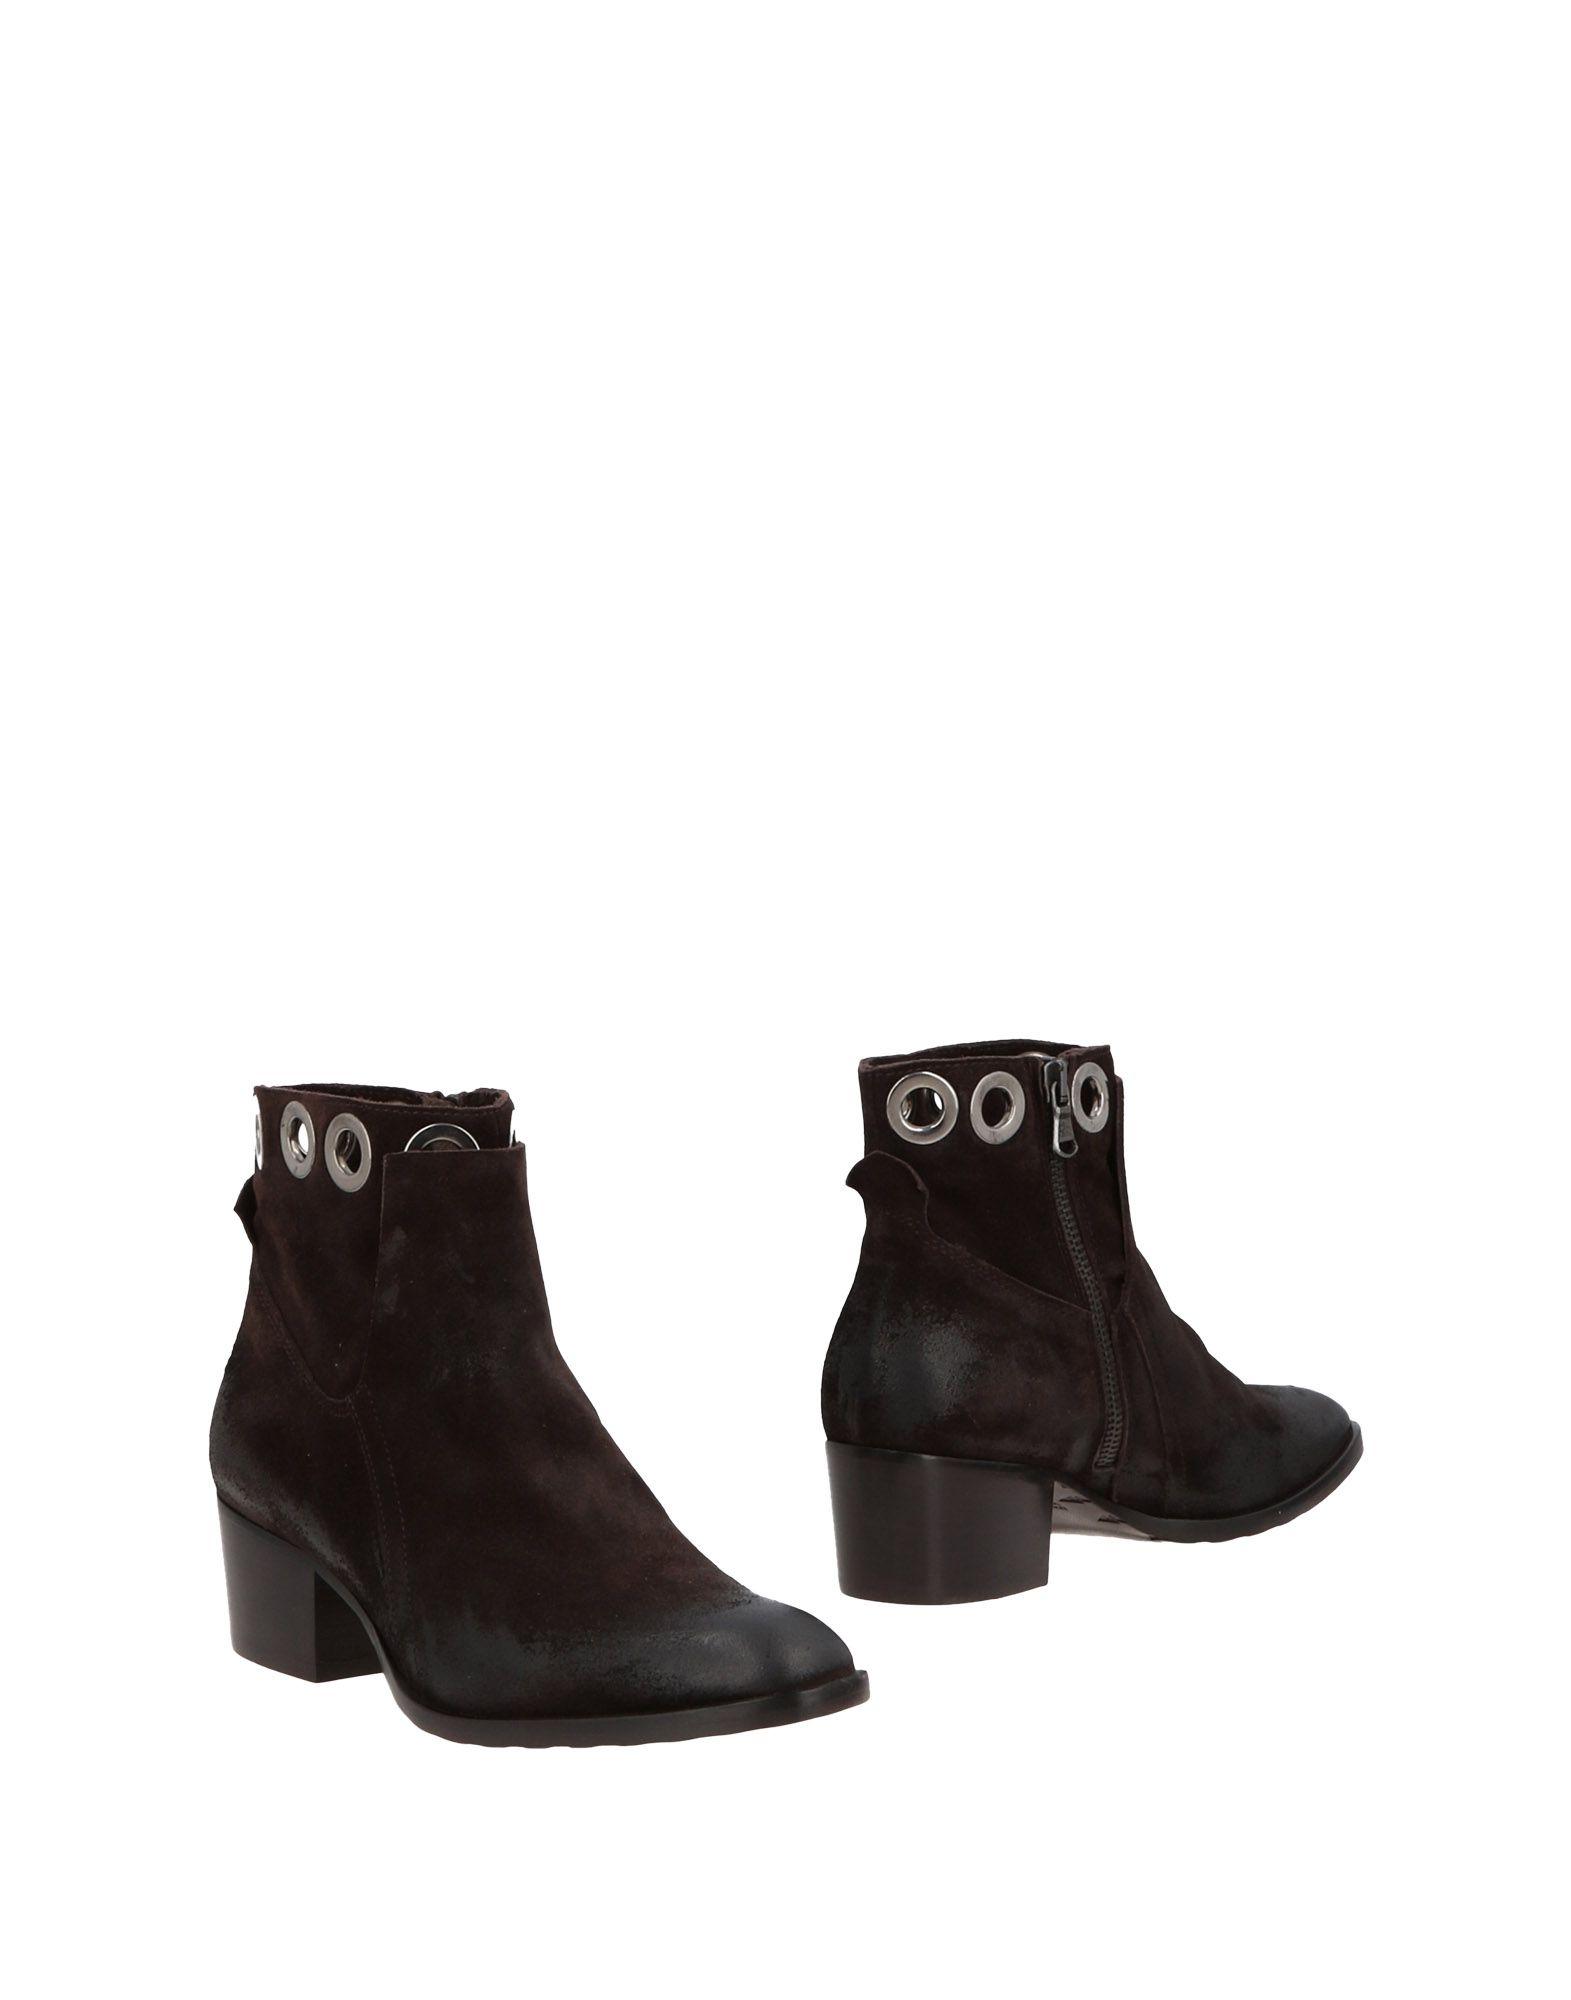 Strategia Stiefelette Damen  11495255CPGut aussehende strapazierfähige Schuhe